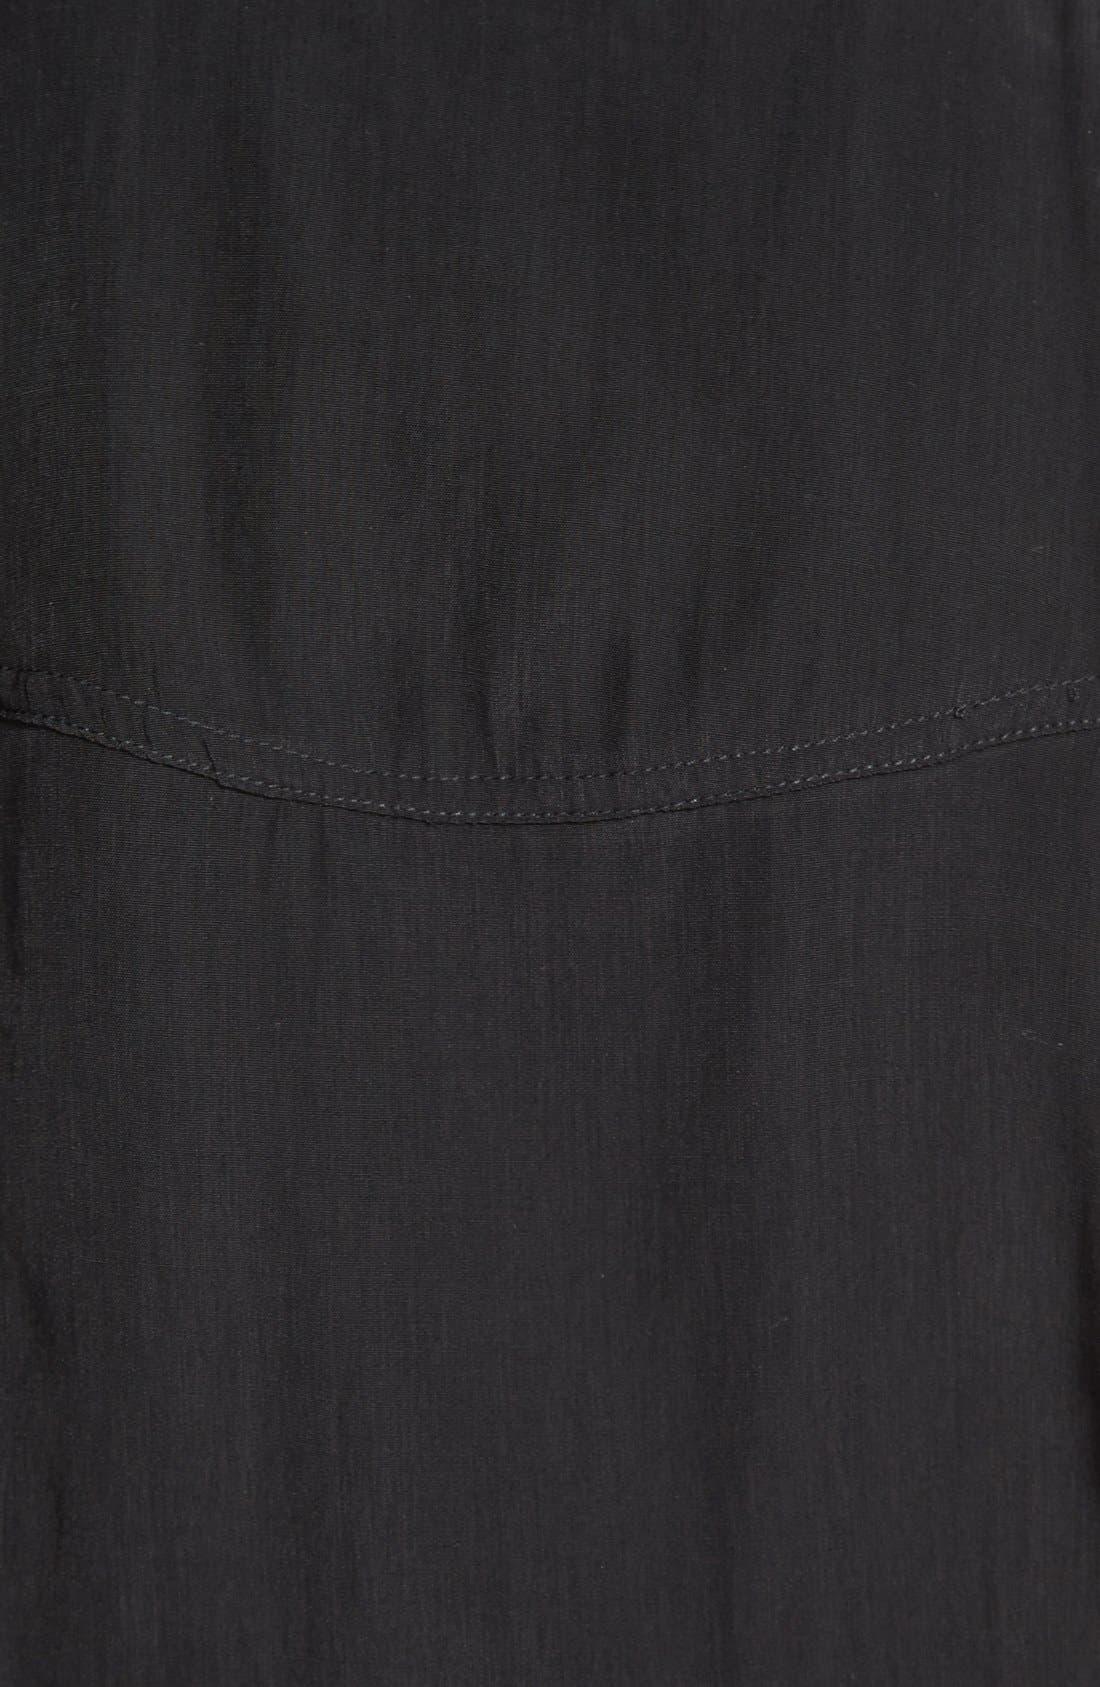 Wrap Front Jumpsuit,                             Alternate thumbnail 3, color,                             001